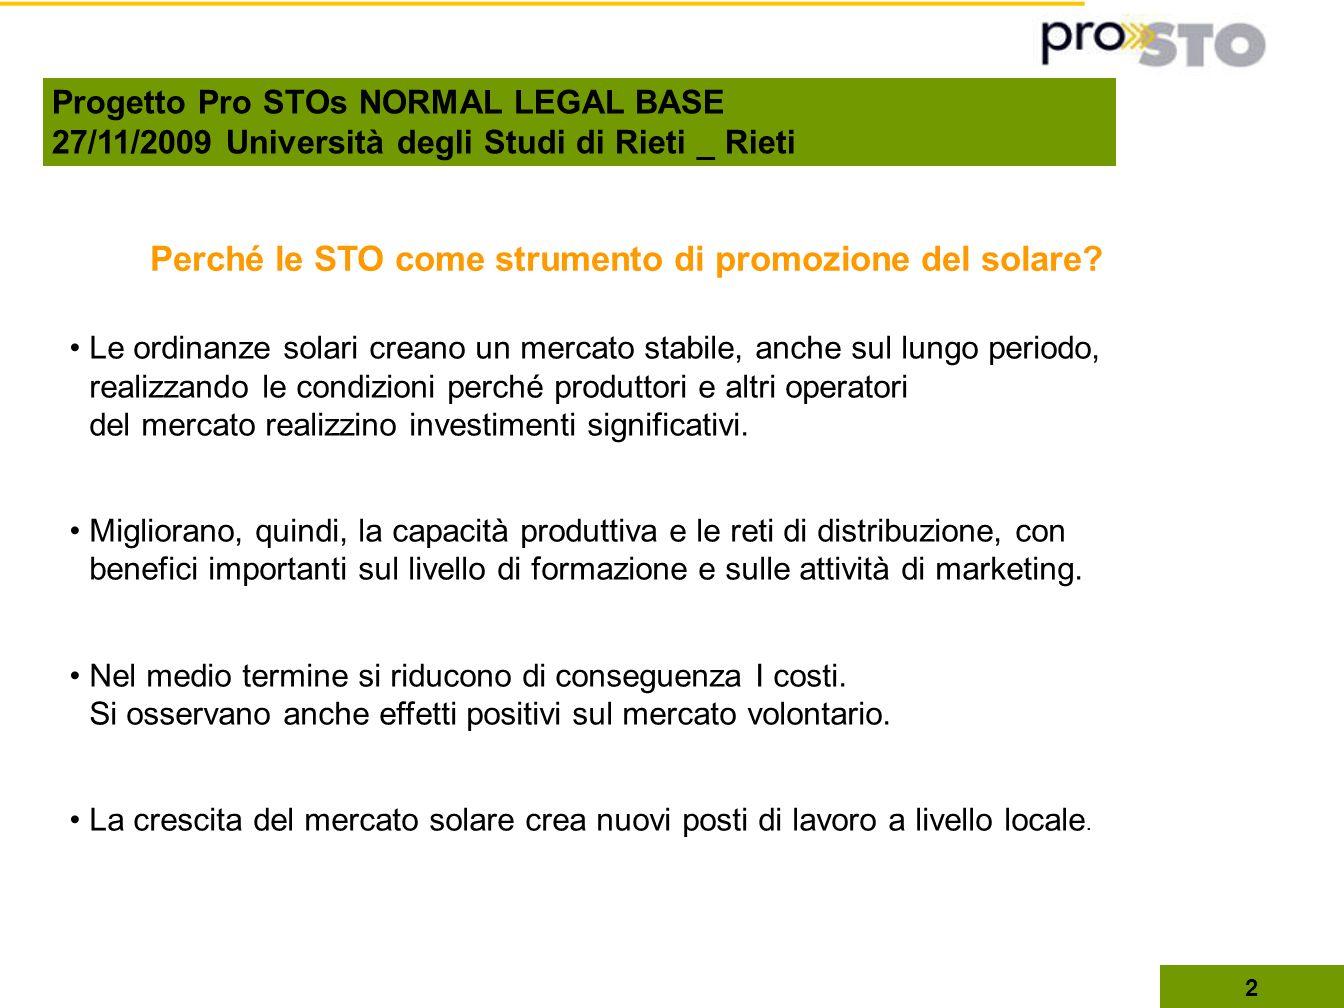 3 Italia 2003: comuni lombardi (Carugate, Corbetta, Melzo, Cassina de Pecchi,...) introducono obbligo solare termico su nuovi edifici, copertura acs 50 %; 2004 - 2008: obbligo Regione Lazio (legge n.